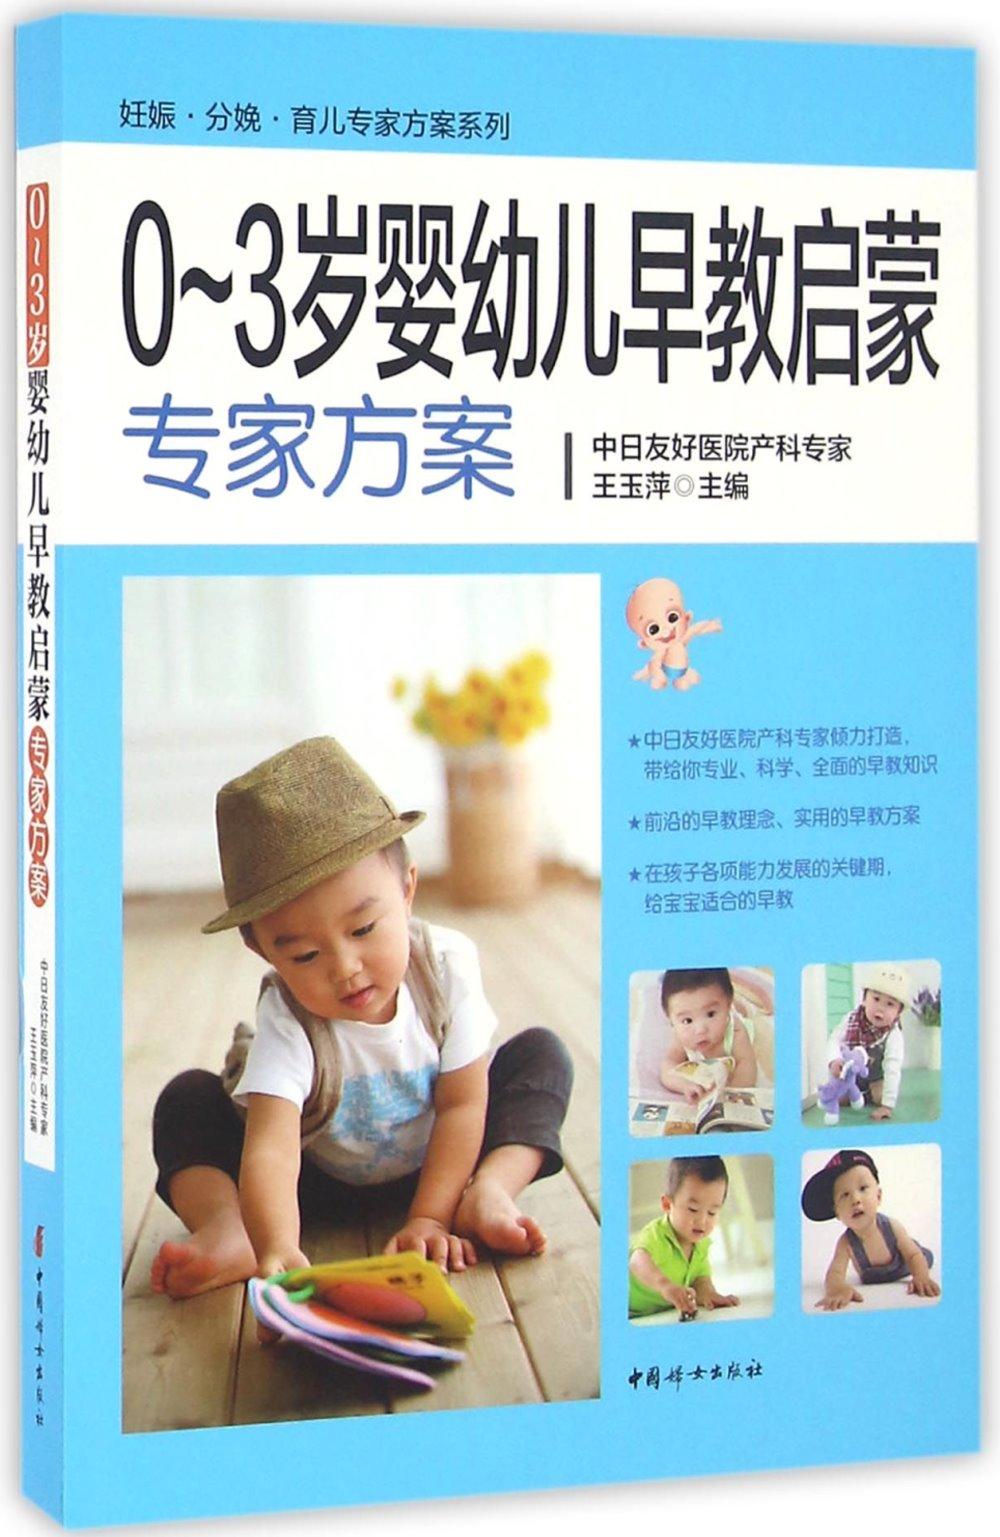 0-3歲嬰幼兒早教啟蒙專家方案